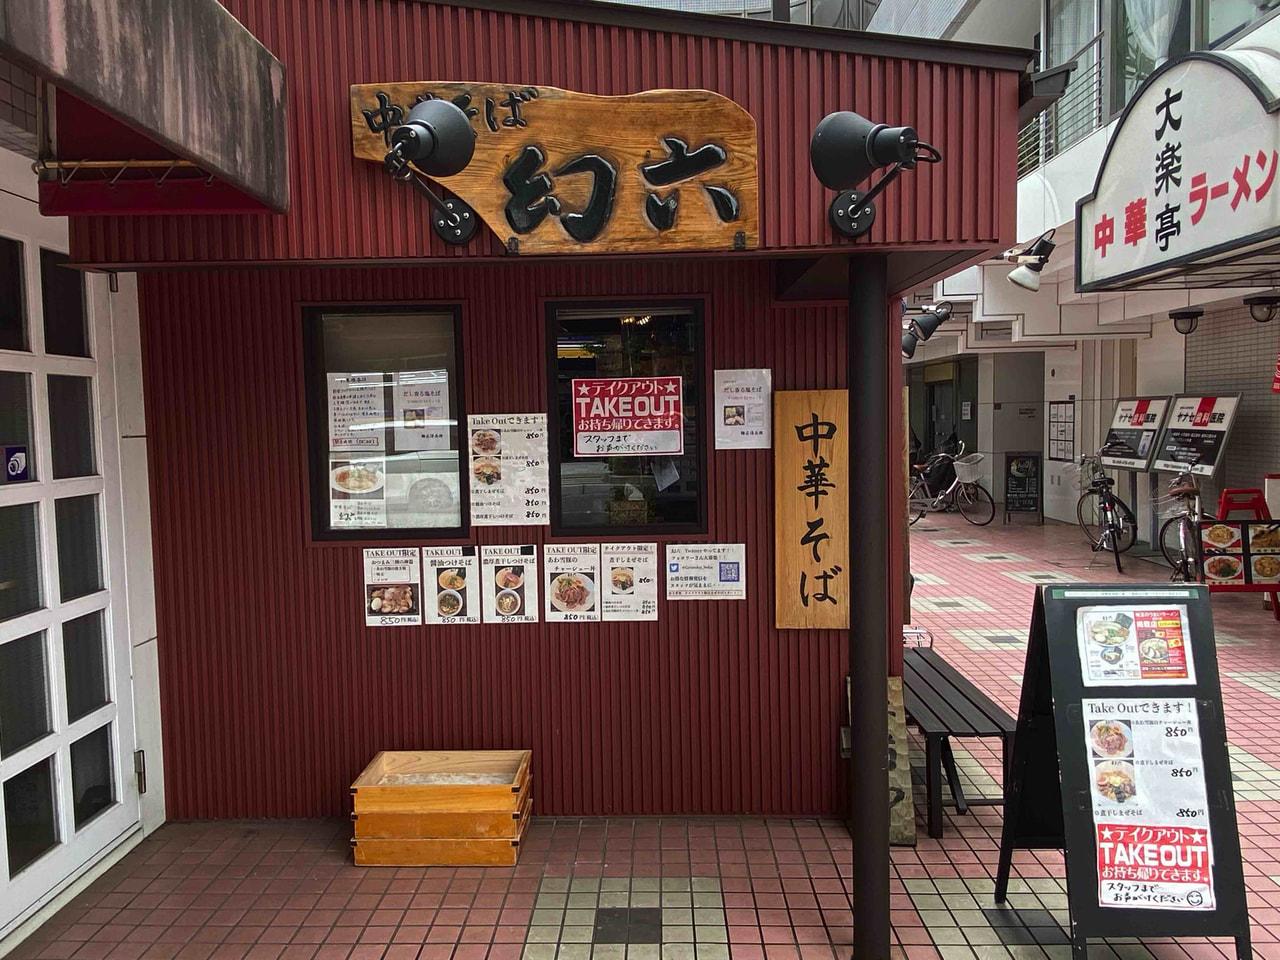 中華そば 幻六(げんろく)(朝霞市)のお店の外観